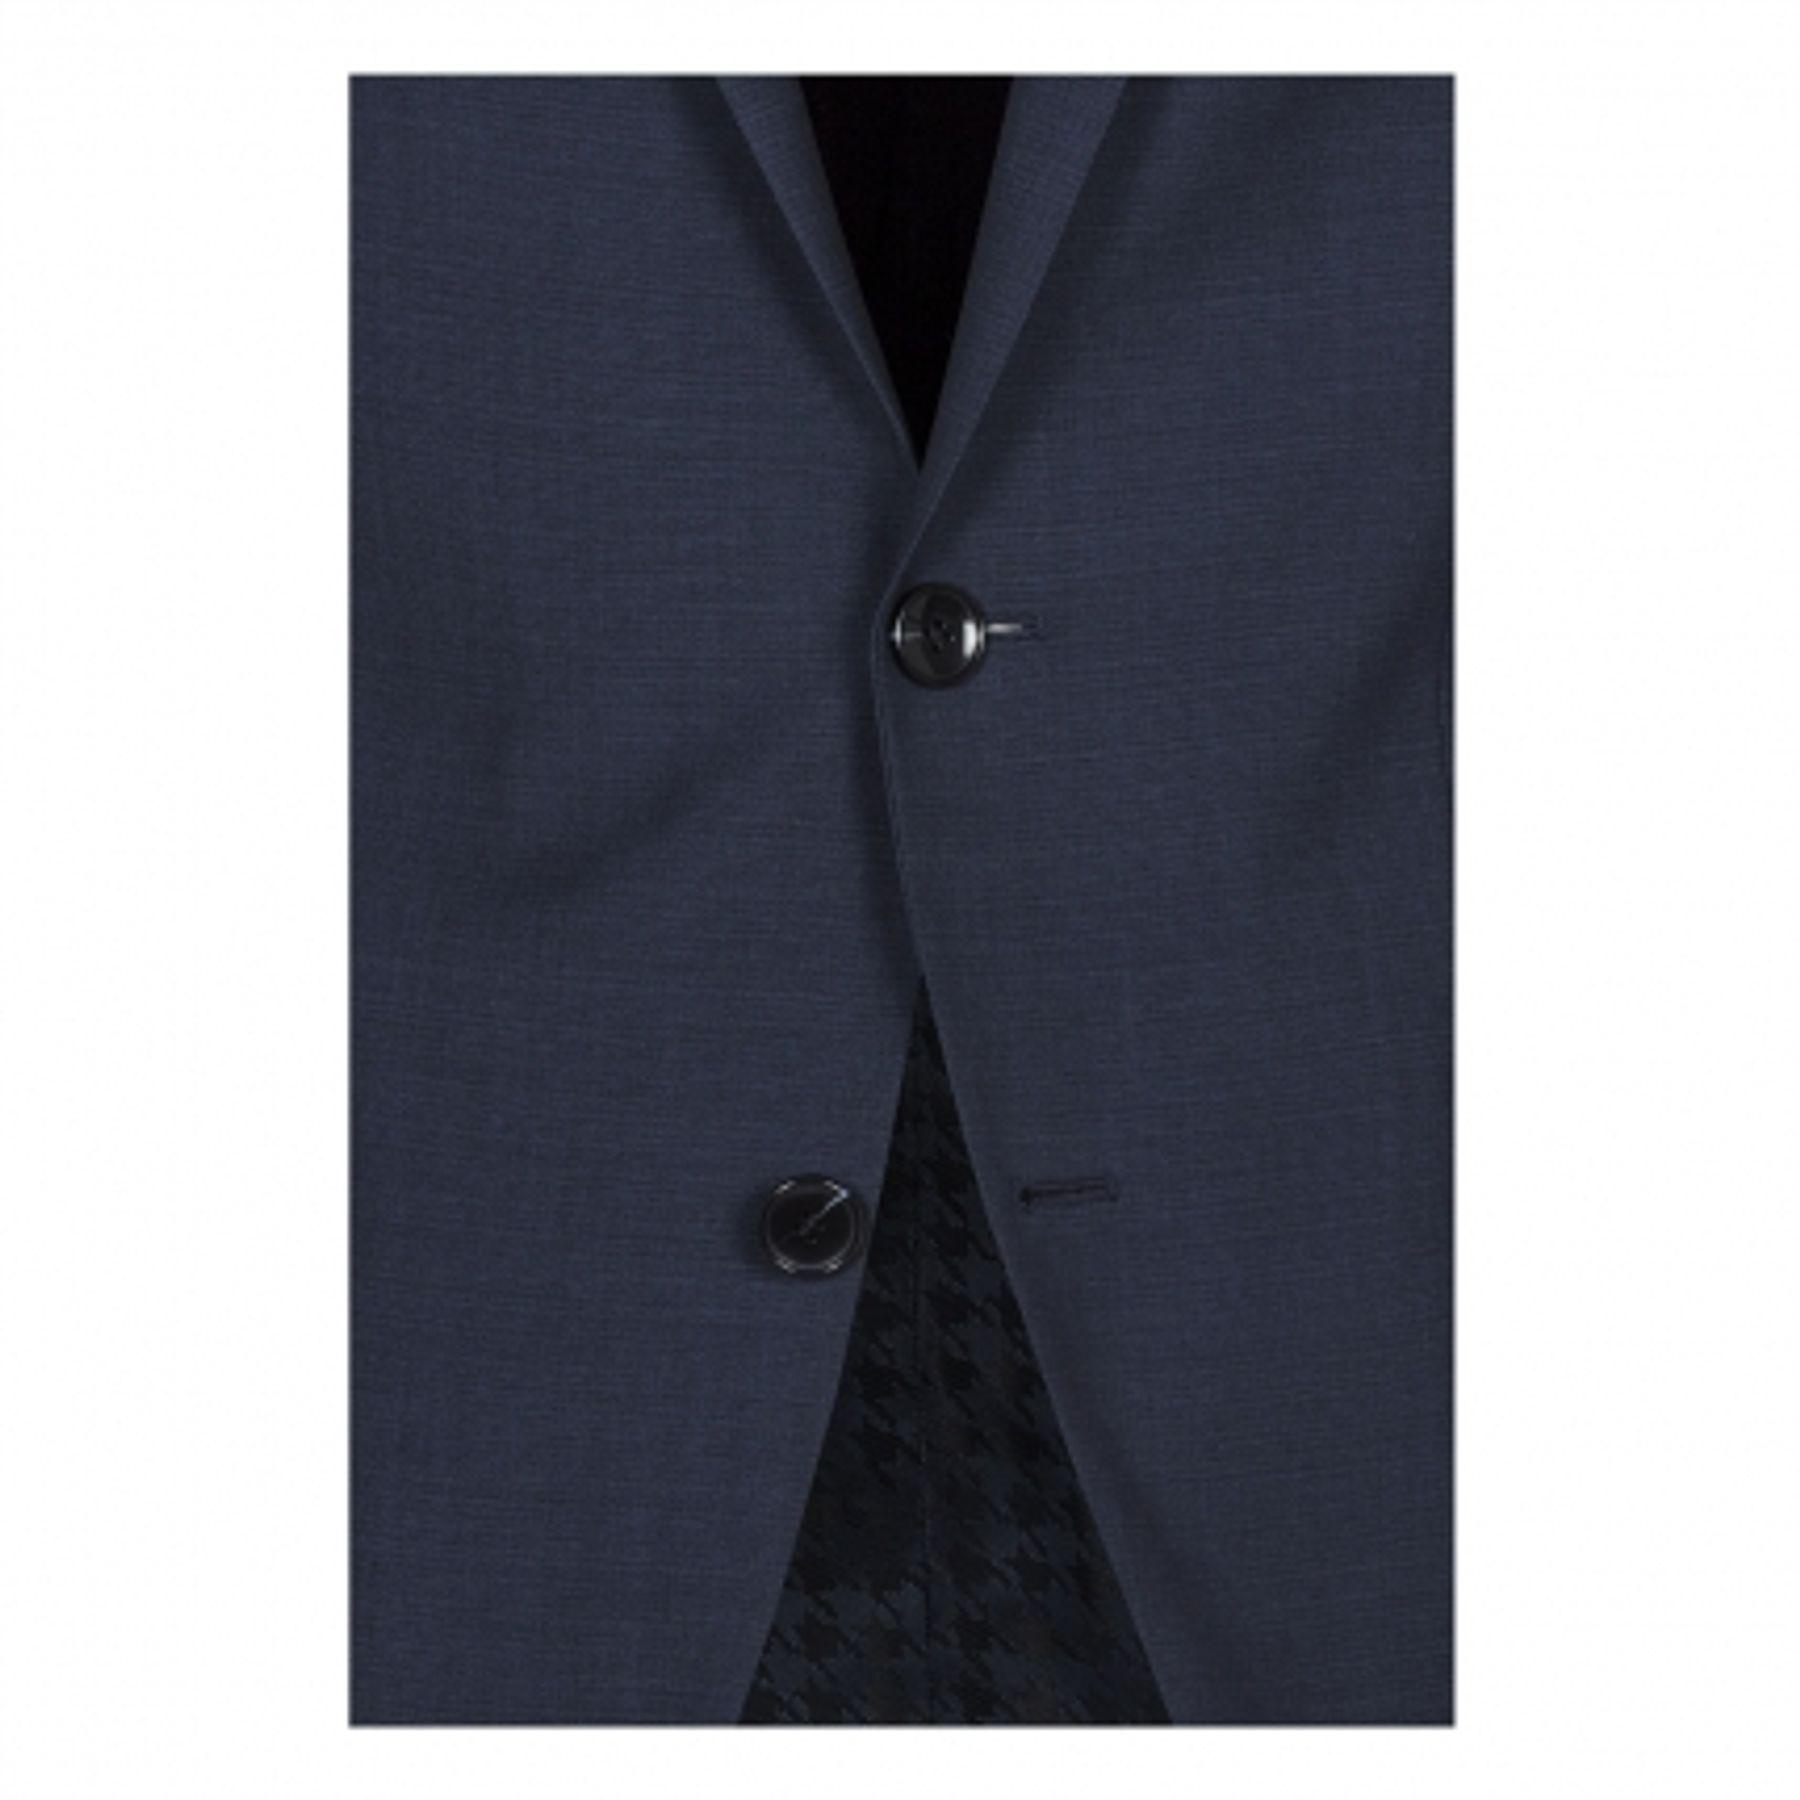 Benvenuto Purple - Slim Fit - Herren Baukasten Sakko aus 100% Schurwolle in Dunkelblau, Adrio (20825, Modell: 61370) – Bild 4